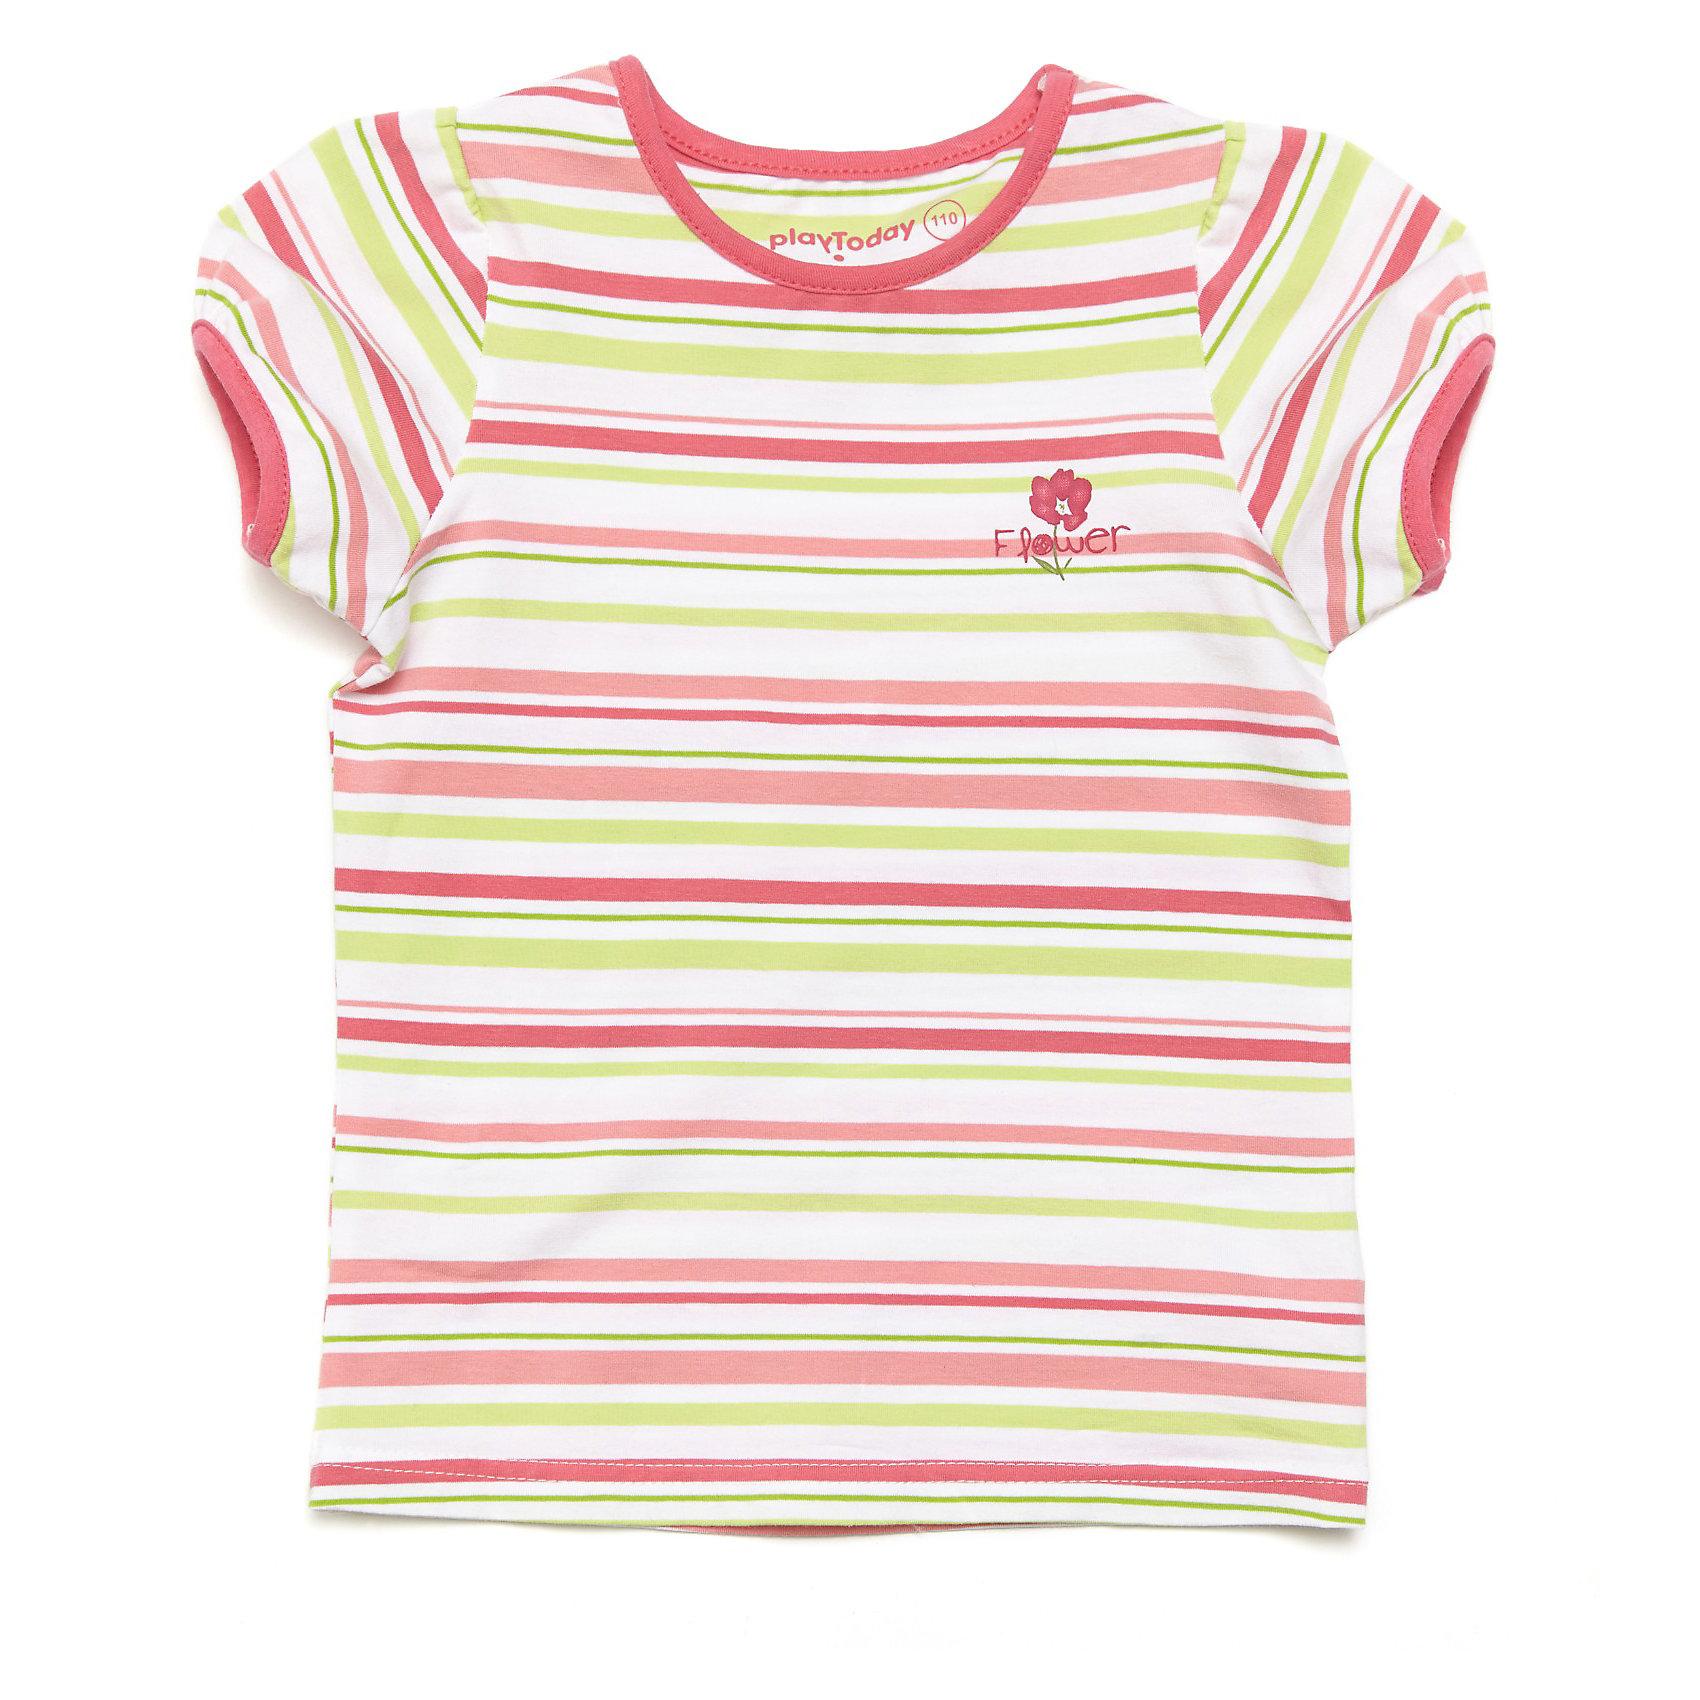 Футболка для девочки PlayToday* яркая футболка в полоску из эластичного трикотажа<br>* горловина и края рукавов обработаны трикотажной бейкой яркого цвета<br>* декорирована принтом<br>Состав:<br>95% хлопок, 5% эластан<br><br>Футболку для девочки PlayToday (Плэйтудей) можно купить в нашем магазине.<br><br>Ширина мм: 199<br>Глубина мм: 10<br>Высота мм: 161<br>Вес г: 151<br>Цвет: разноцветный<br>Возраст от месяцев: 72<br>Возраст до месяцев: 84<br>Пол: Женский<br>Возраст: Детский<br>Размер: 122,98,110,104,116,128<br>SKU: 3614596